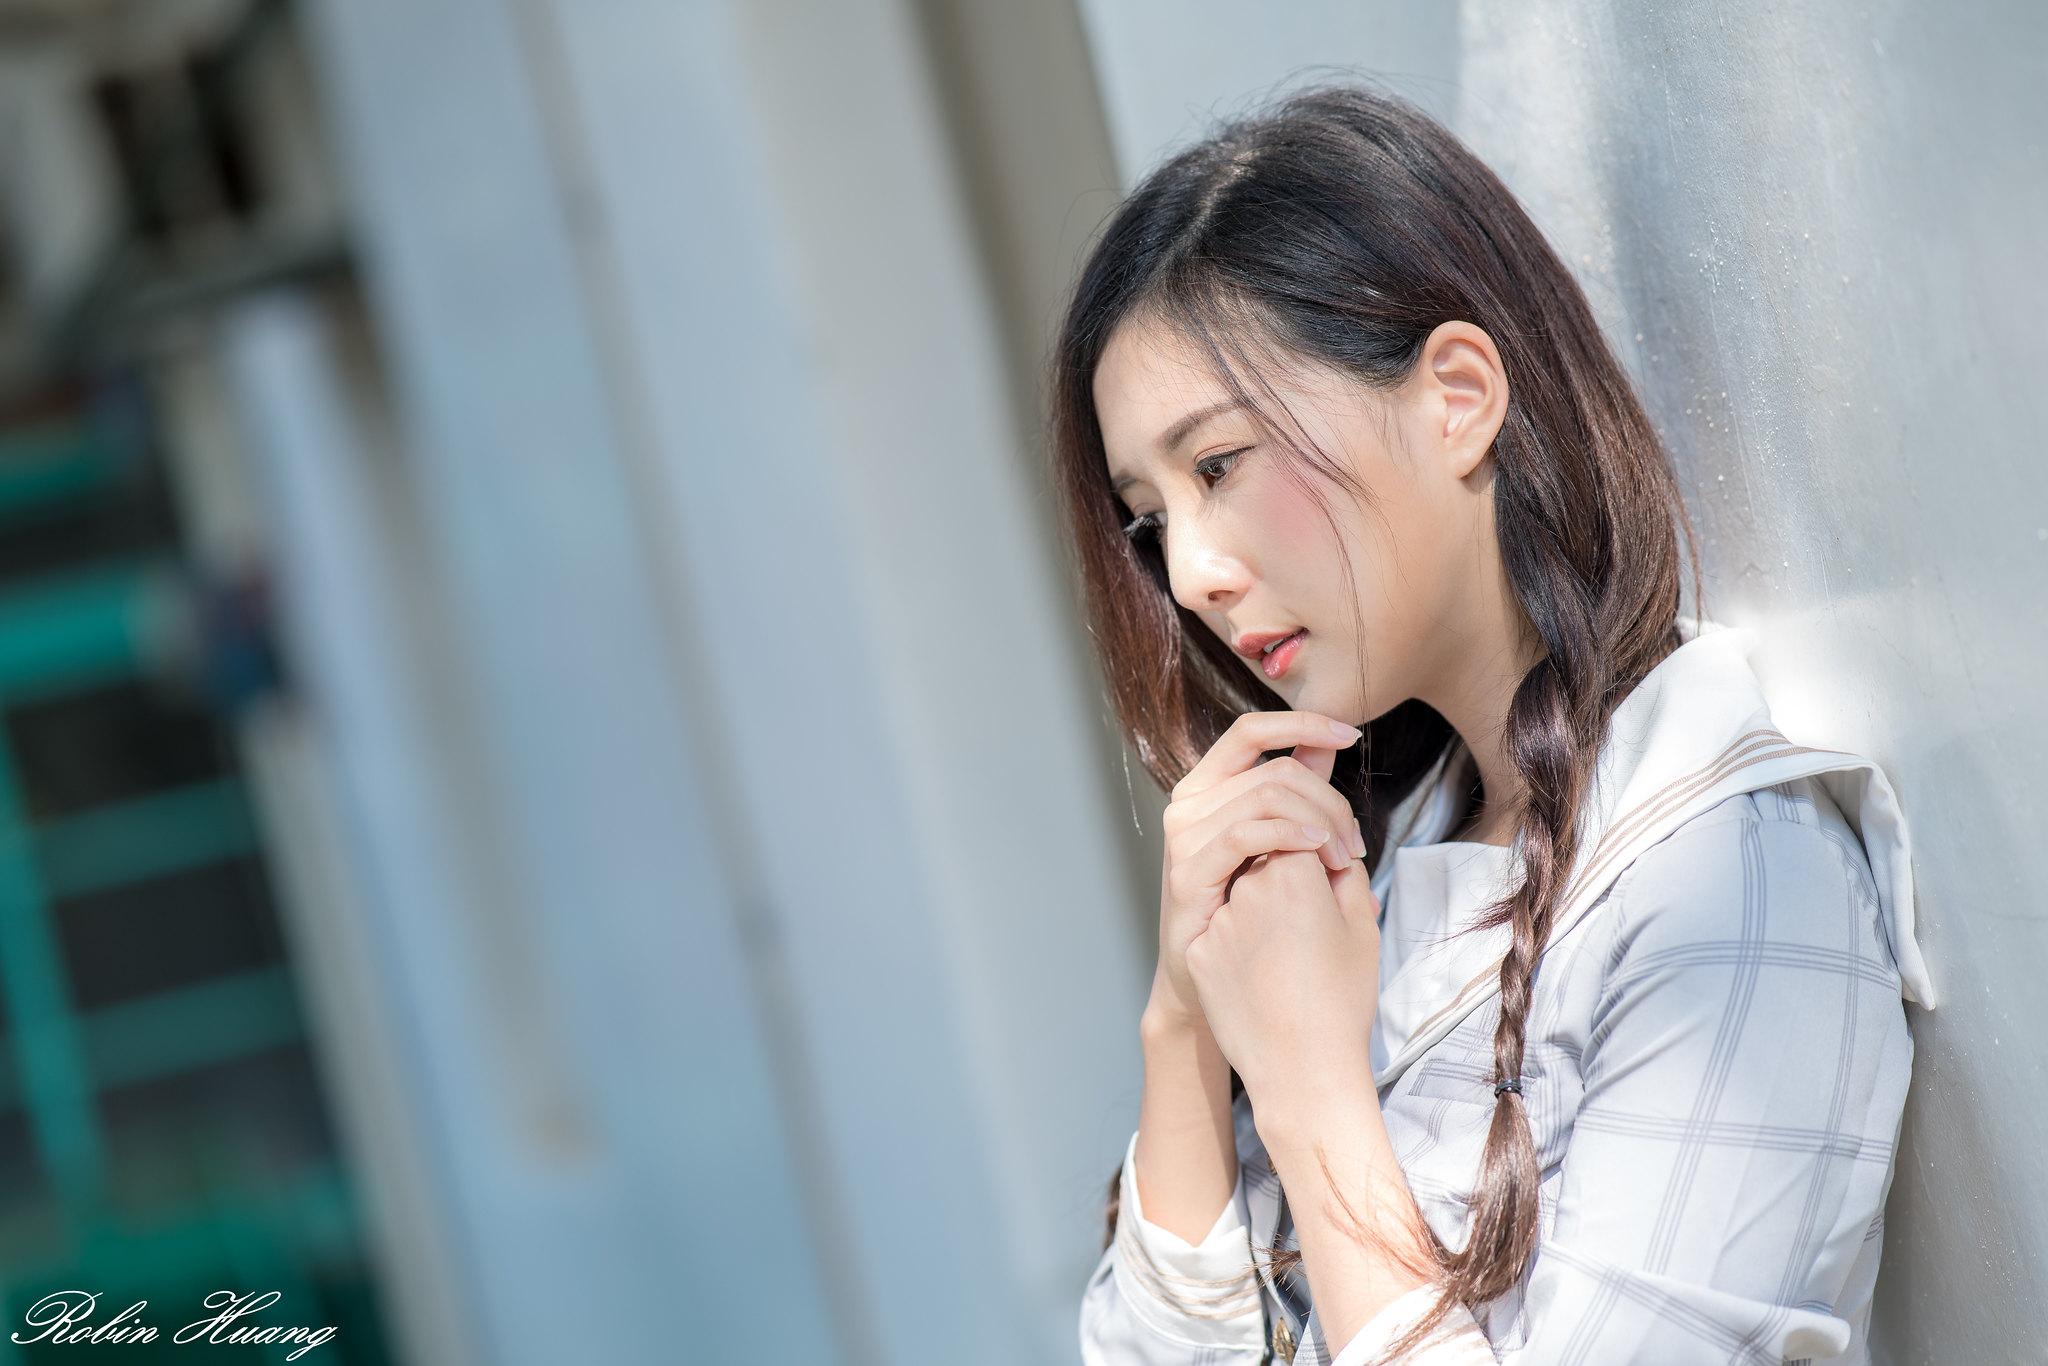 ★制服女生……[Robin Huang 作品 陈郁晴 282p]……第272辑